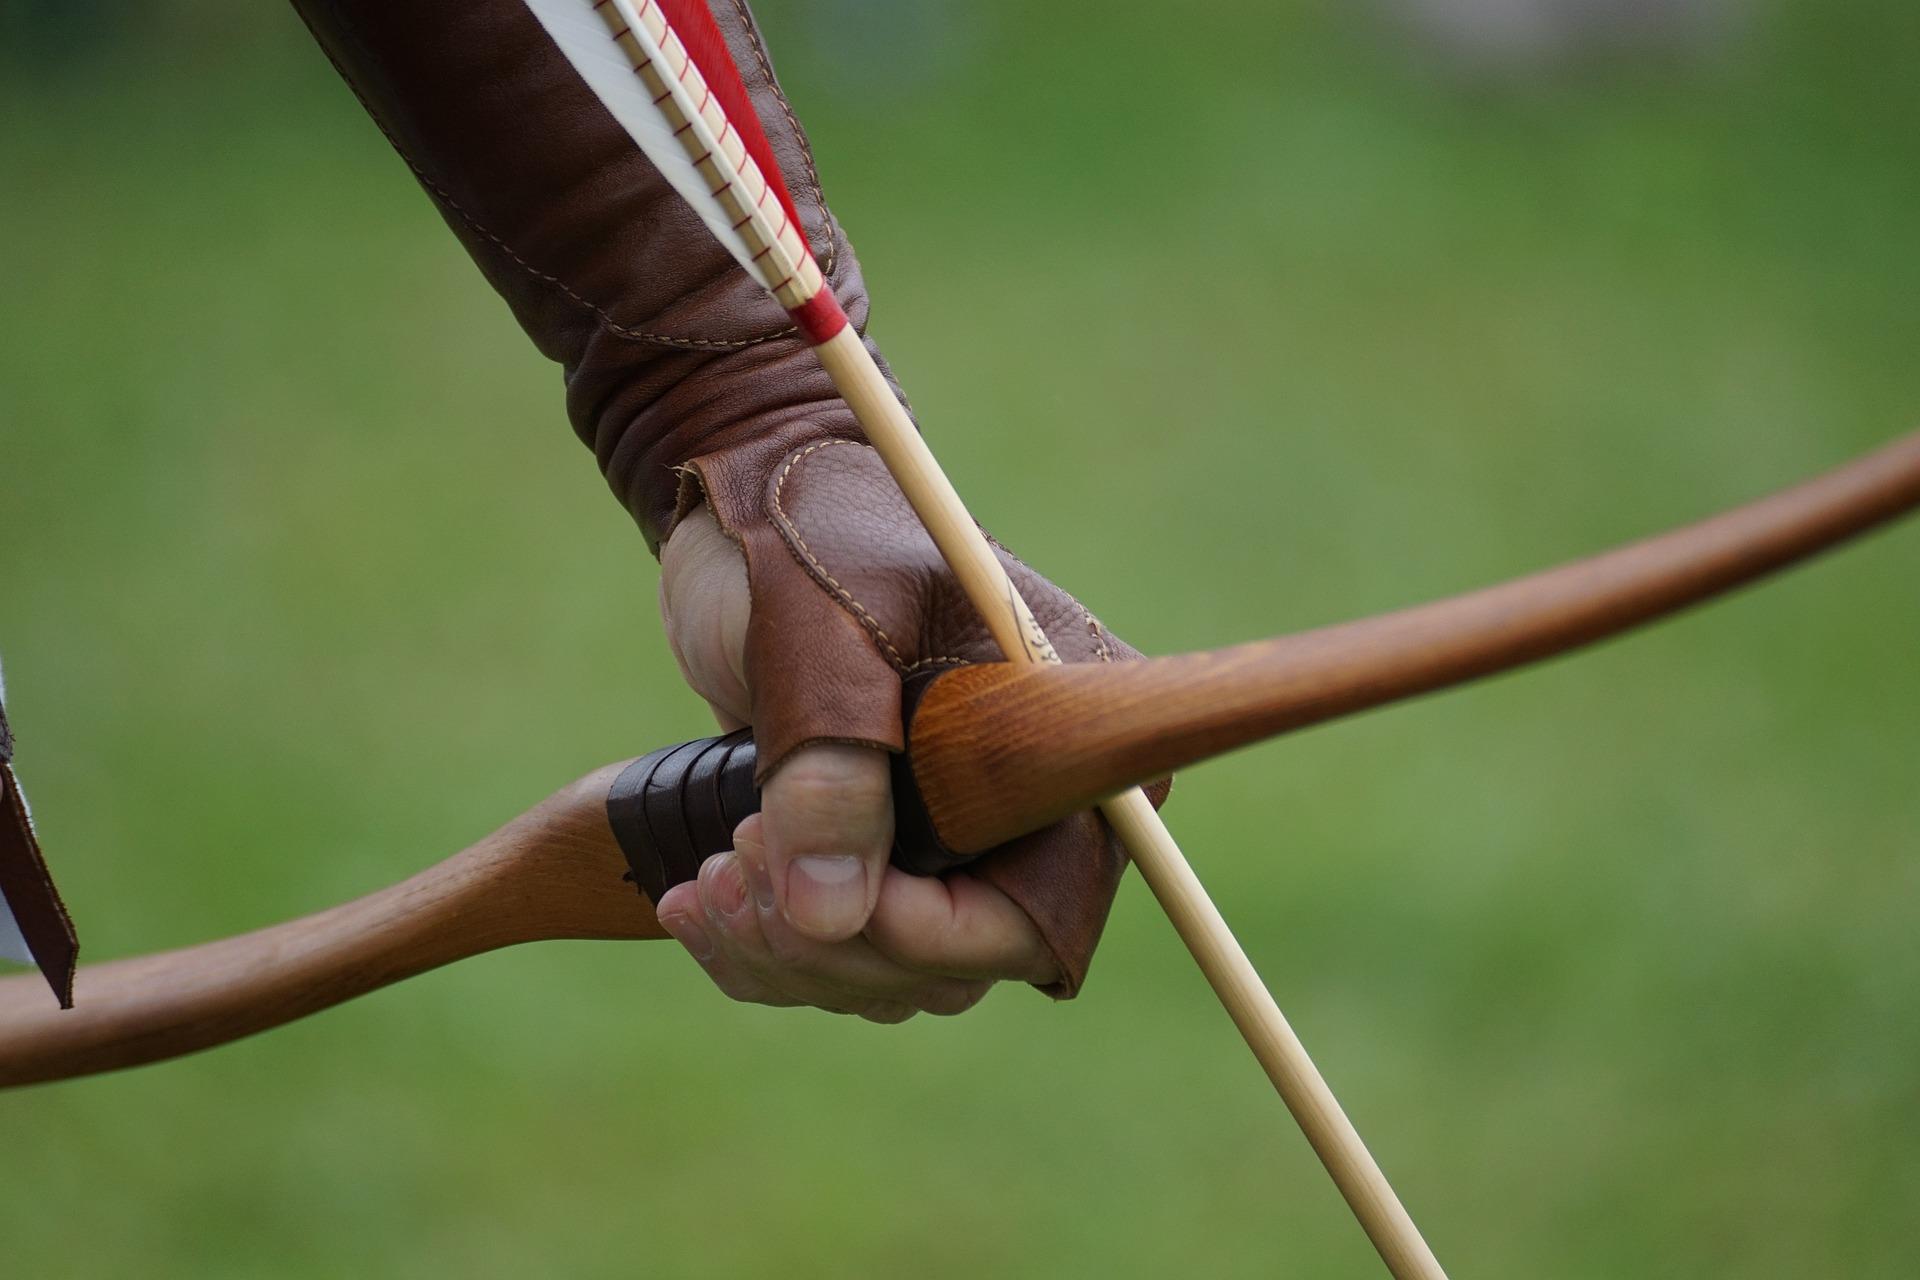 Pixabay - arrow/archer